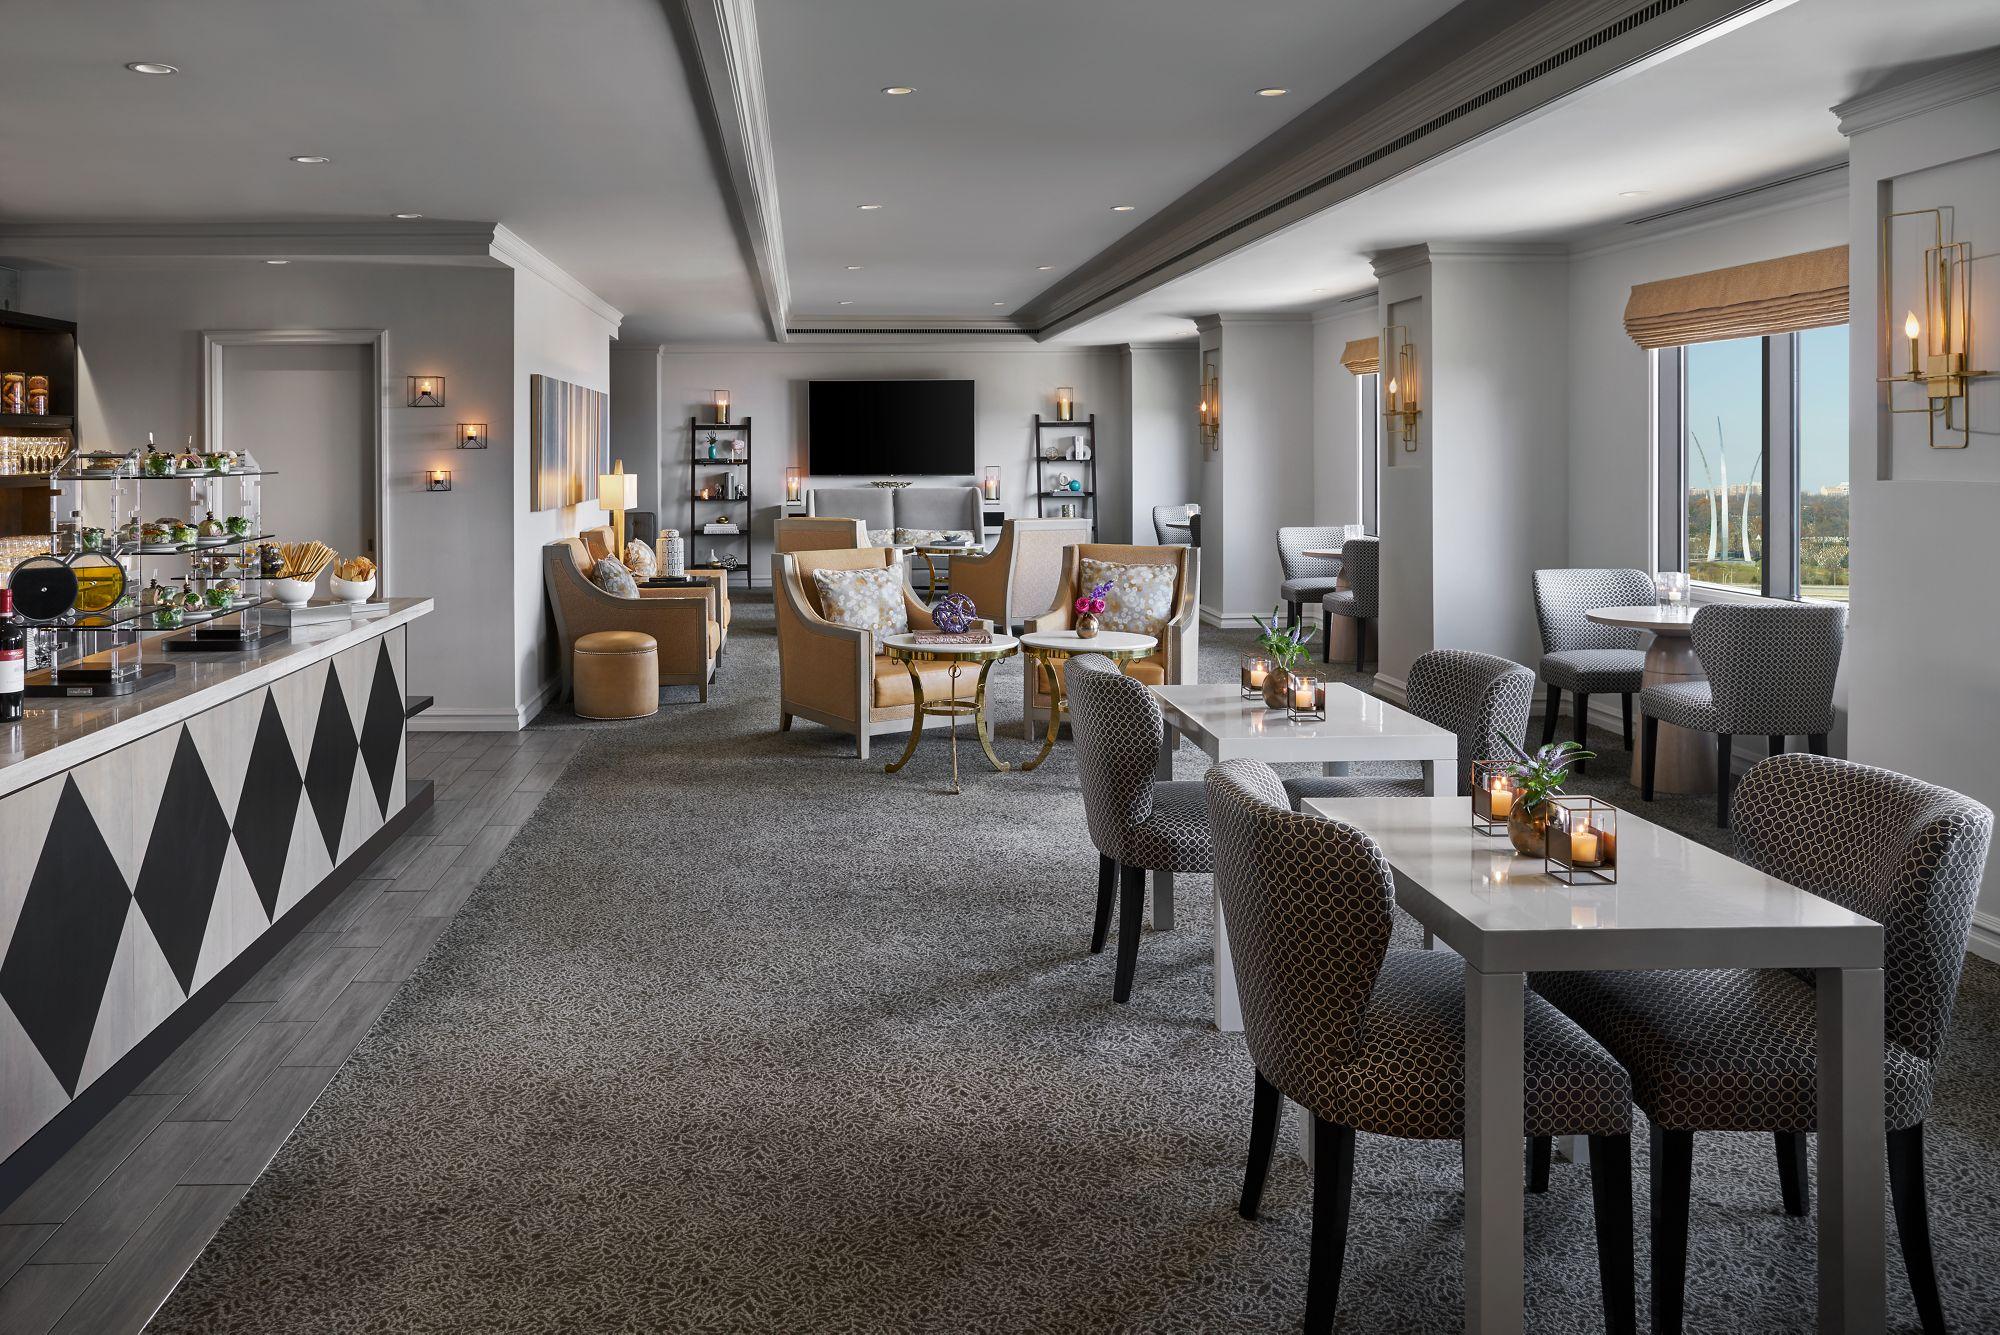 Ritz Carlton Christmas Dinner 2020 Calendar of Events | The Ritz Carlton, Pentagon City